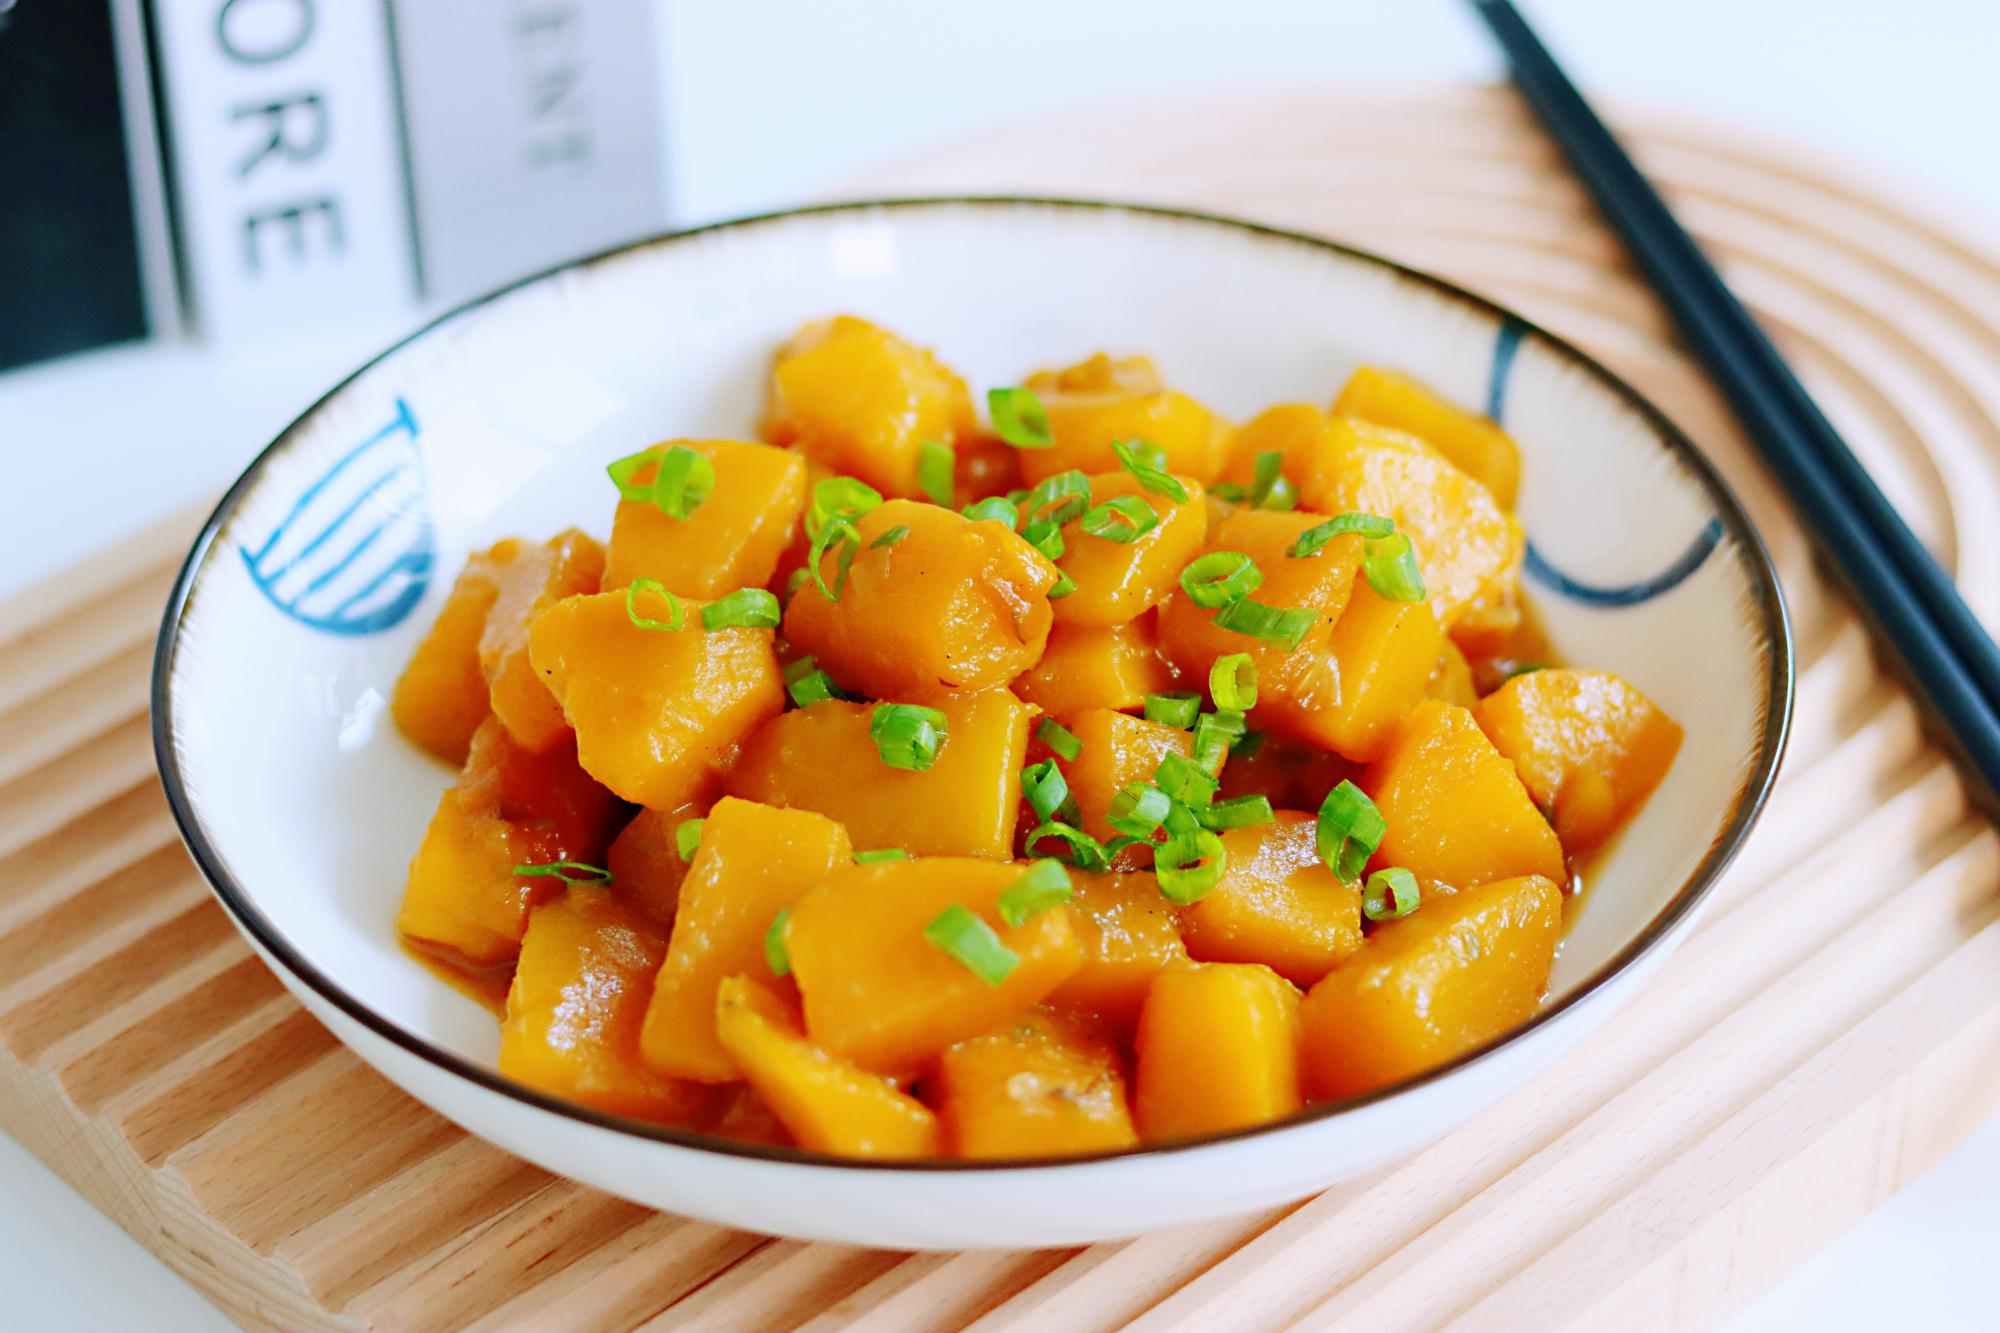 天热要多吃它,维C含量极高且富含锌,营养美味,常吃顺利过夏天